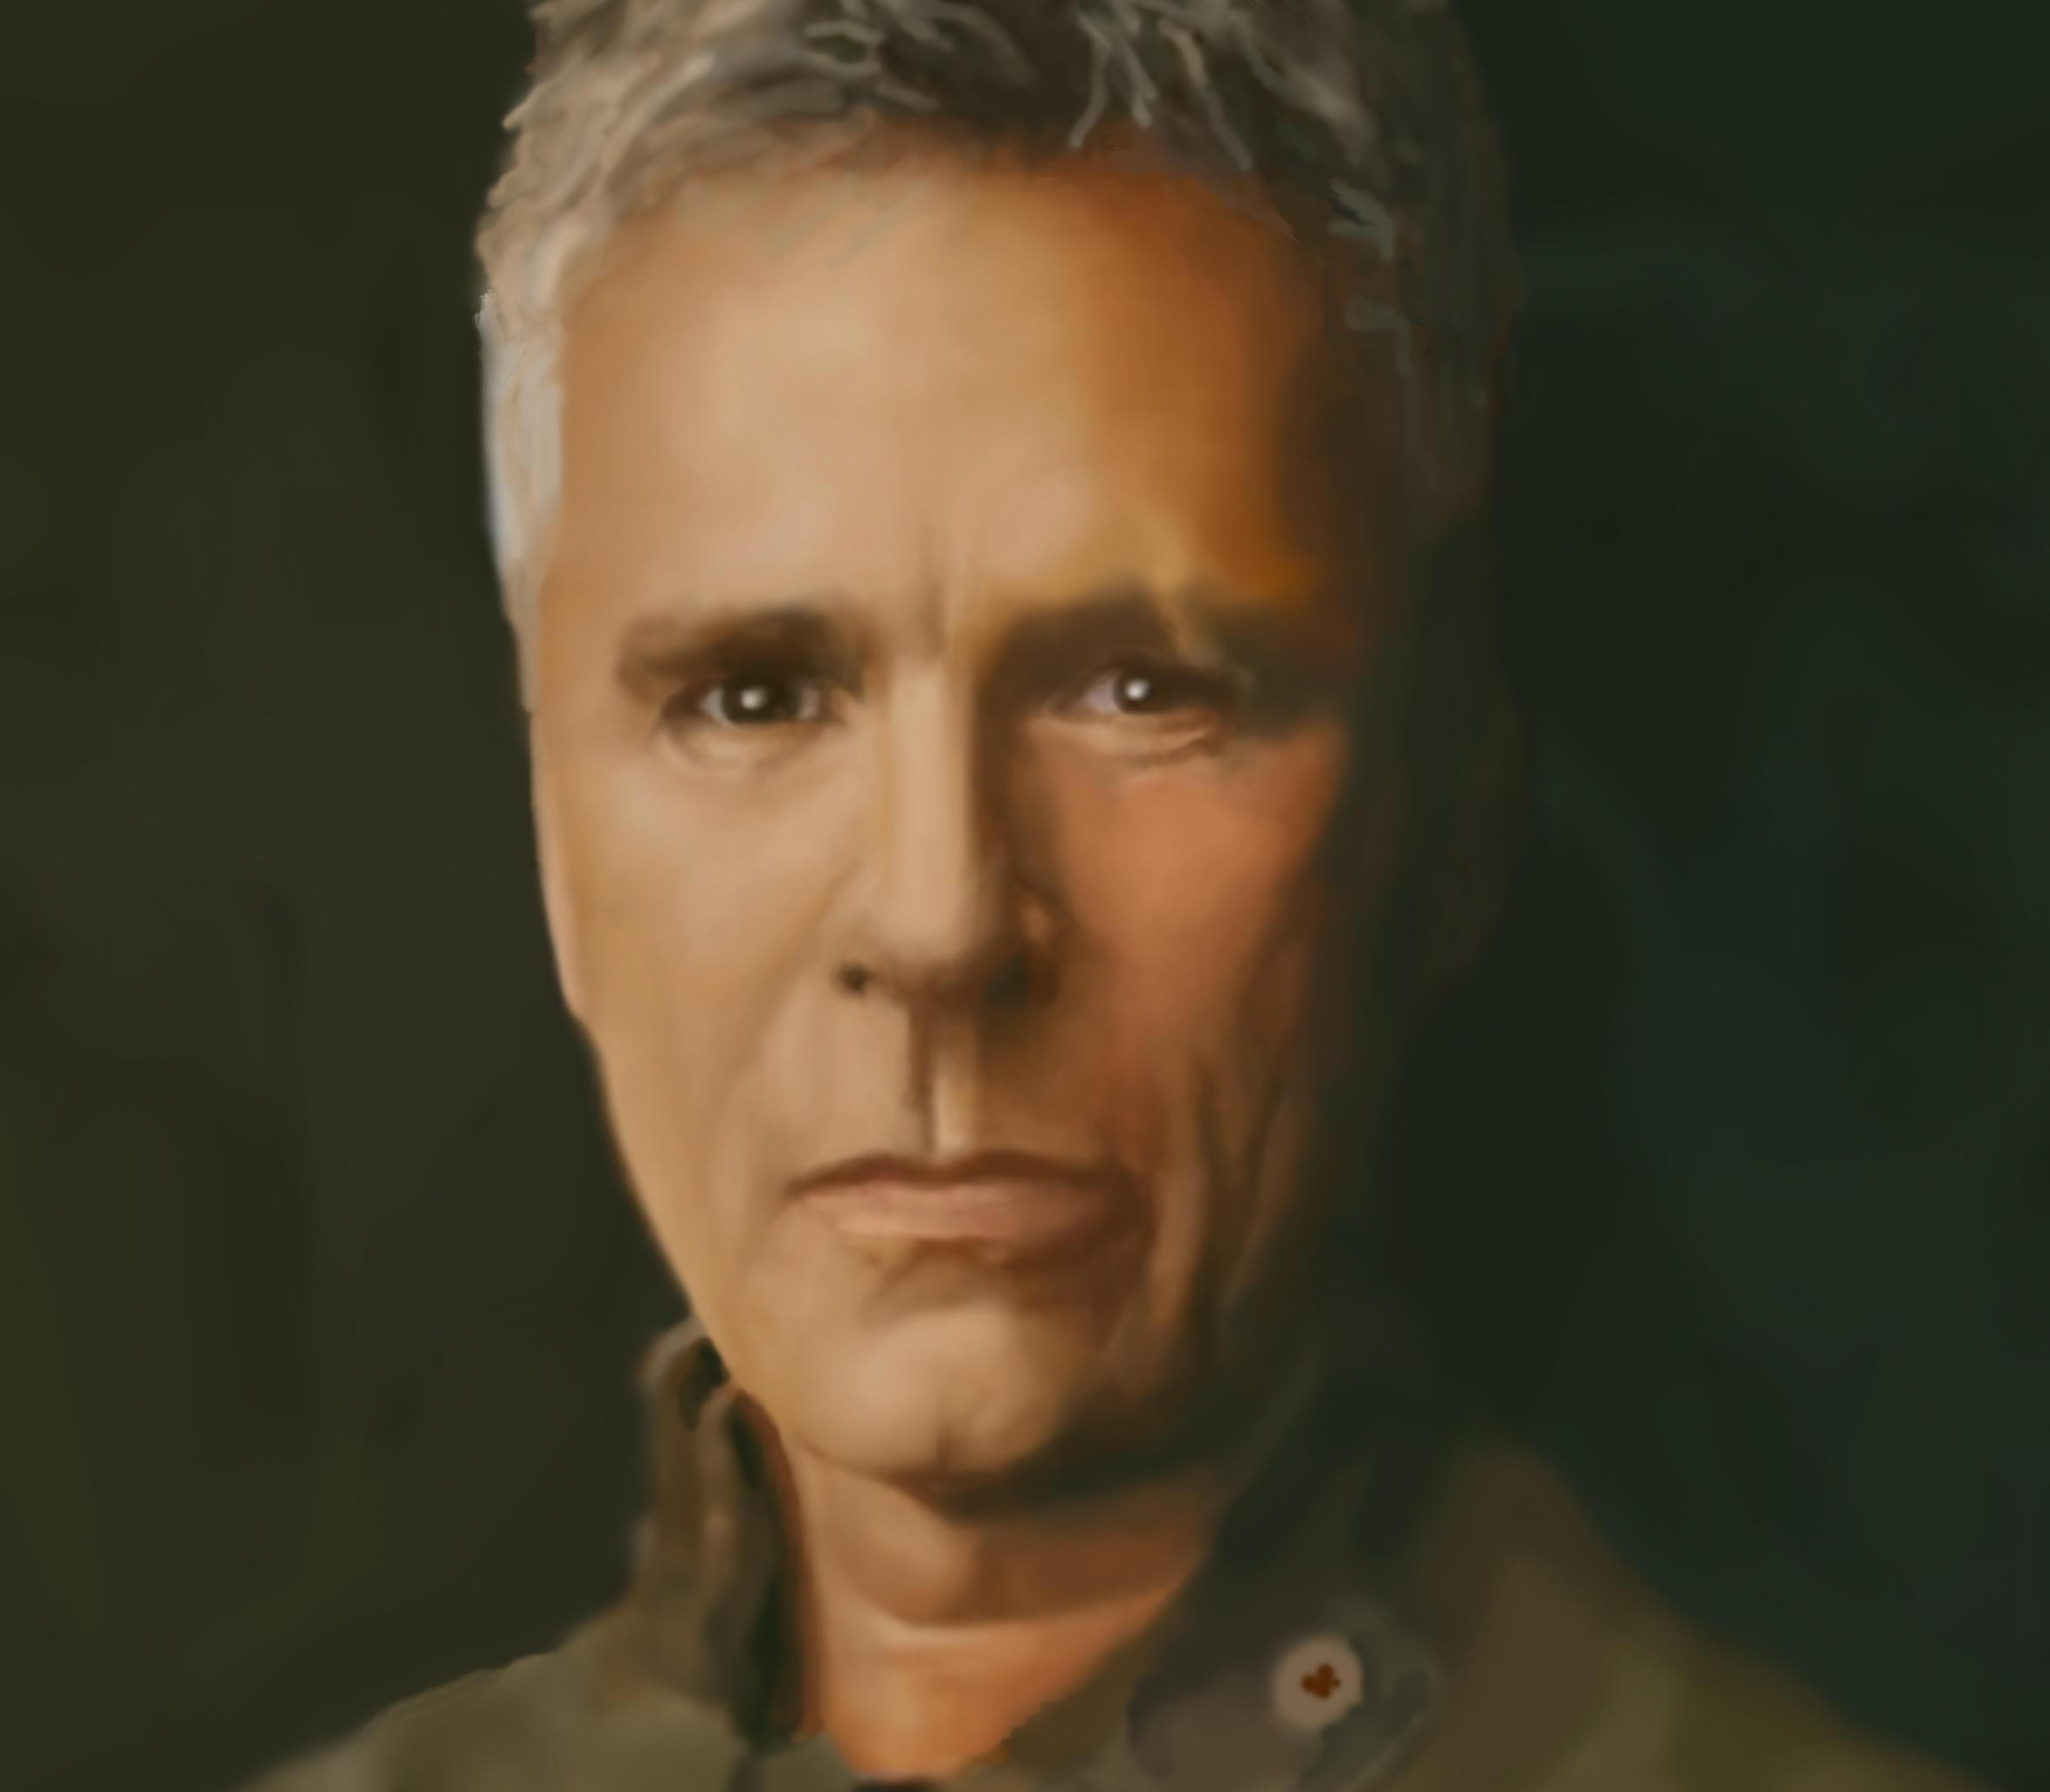 ... Richard Dean Anderson Portrait by SG1-Jack - Richard_Dean_Anderson_Portrait